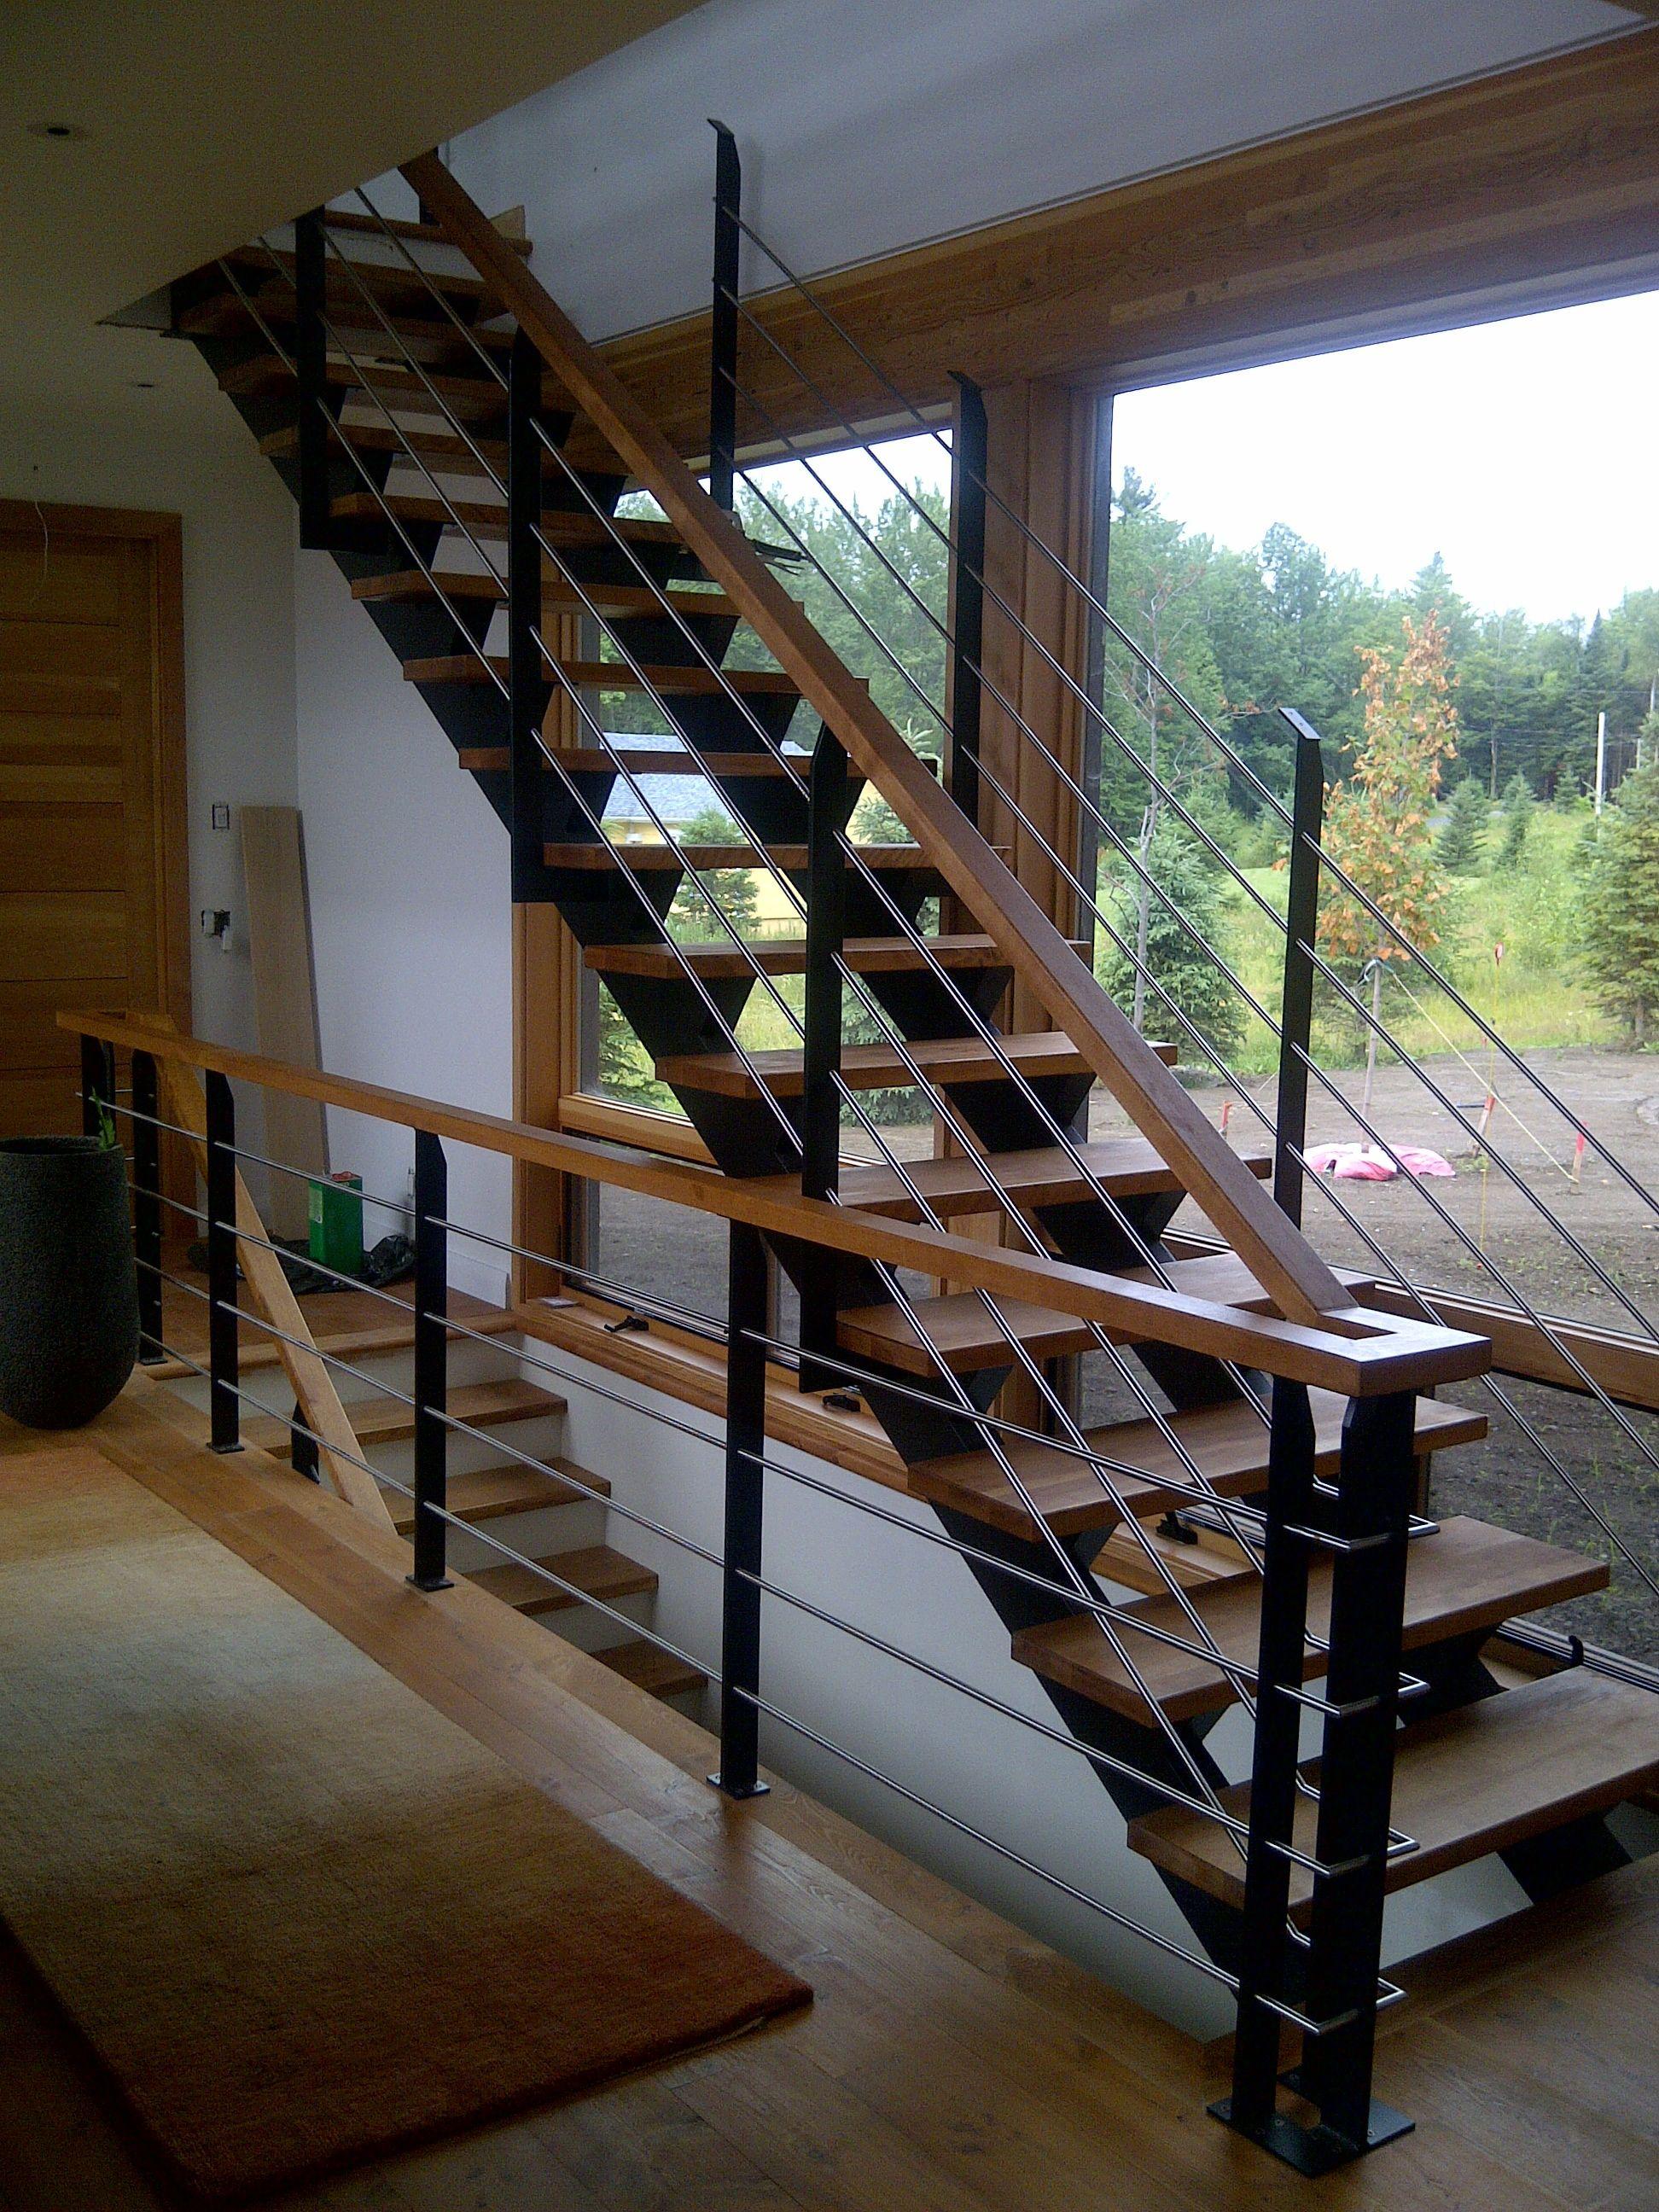 les 25 meilleures id es de la cat gorie limon d escalier sur pinterest limon escalier. Black Bedroom Furniture Sets. Home Design Ideas